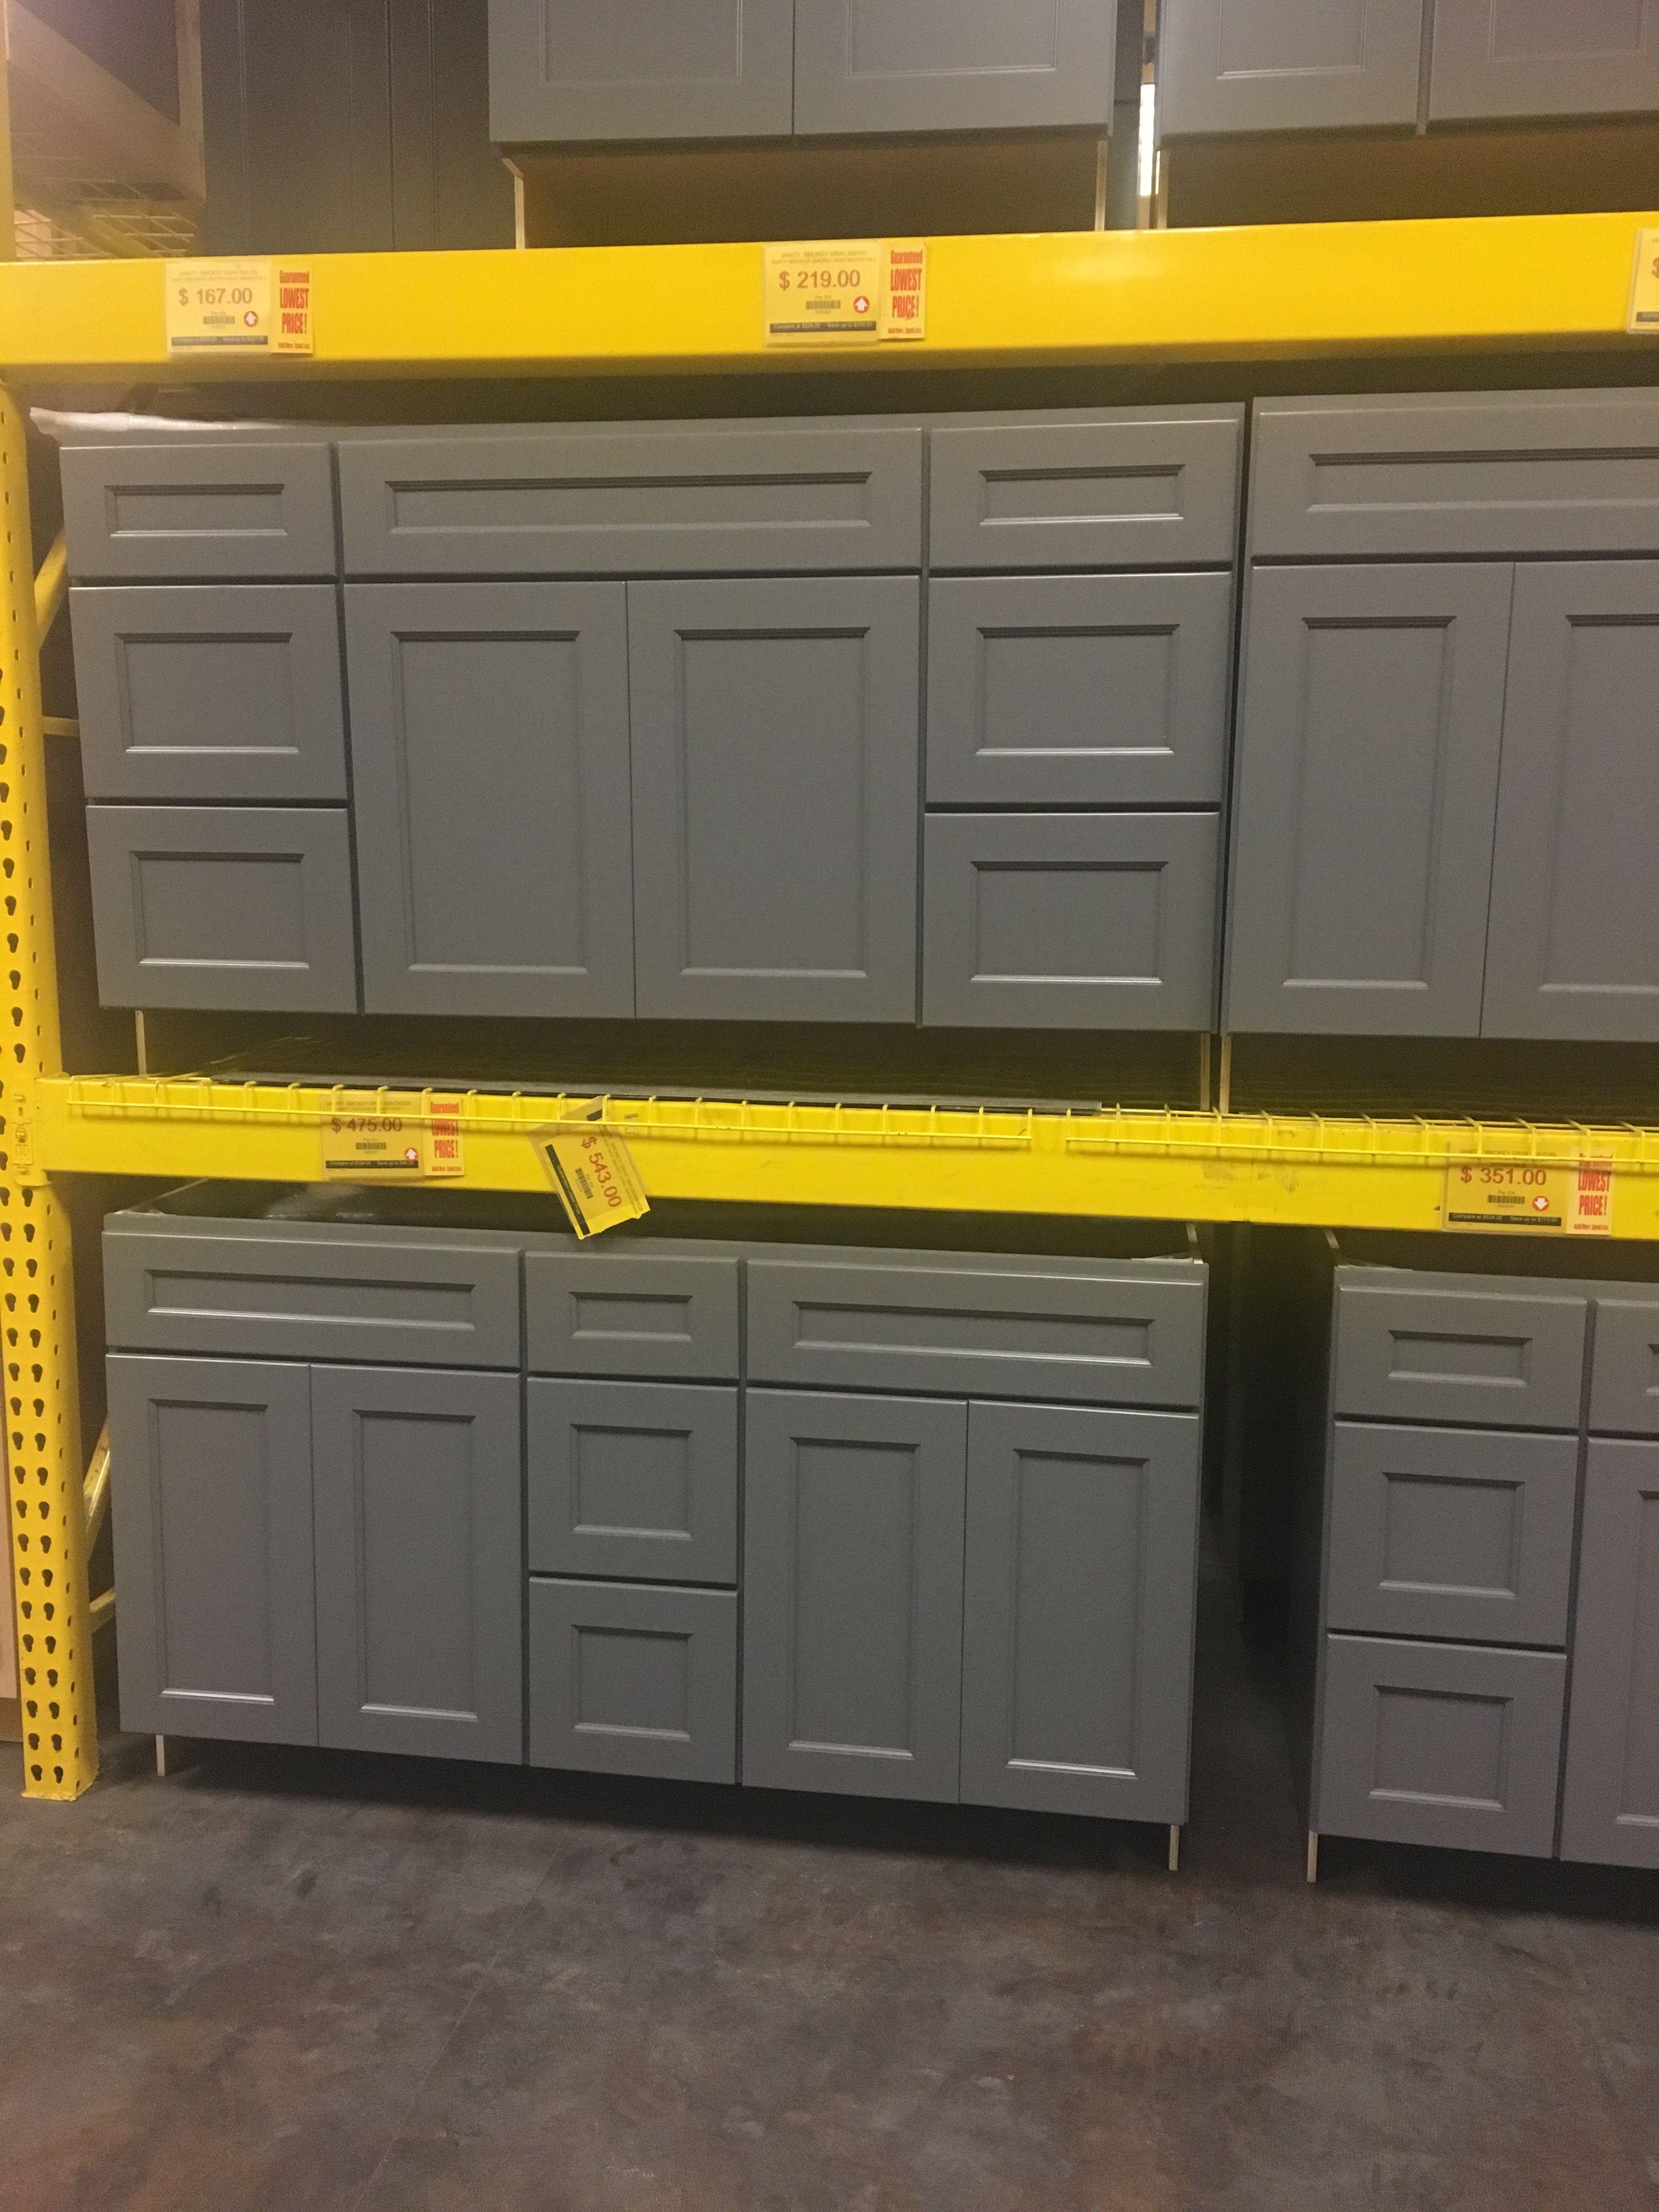 Surplus Warehouse Kitchen Cabinets Home Decor Kitchen